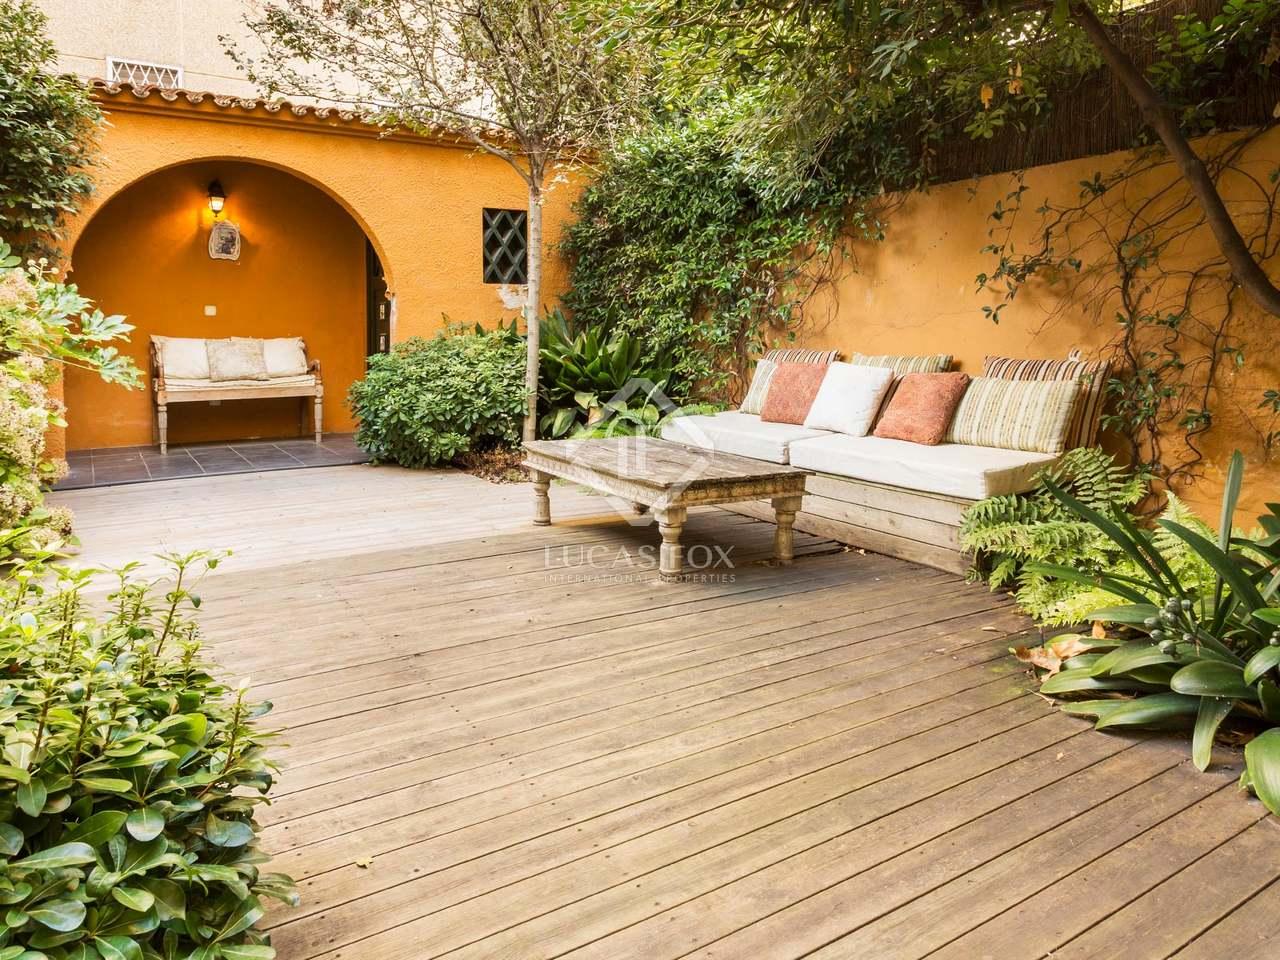 Casa de 3 dormitorios en alquiler en tres torres for Casa con jardin alquiler barcelona